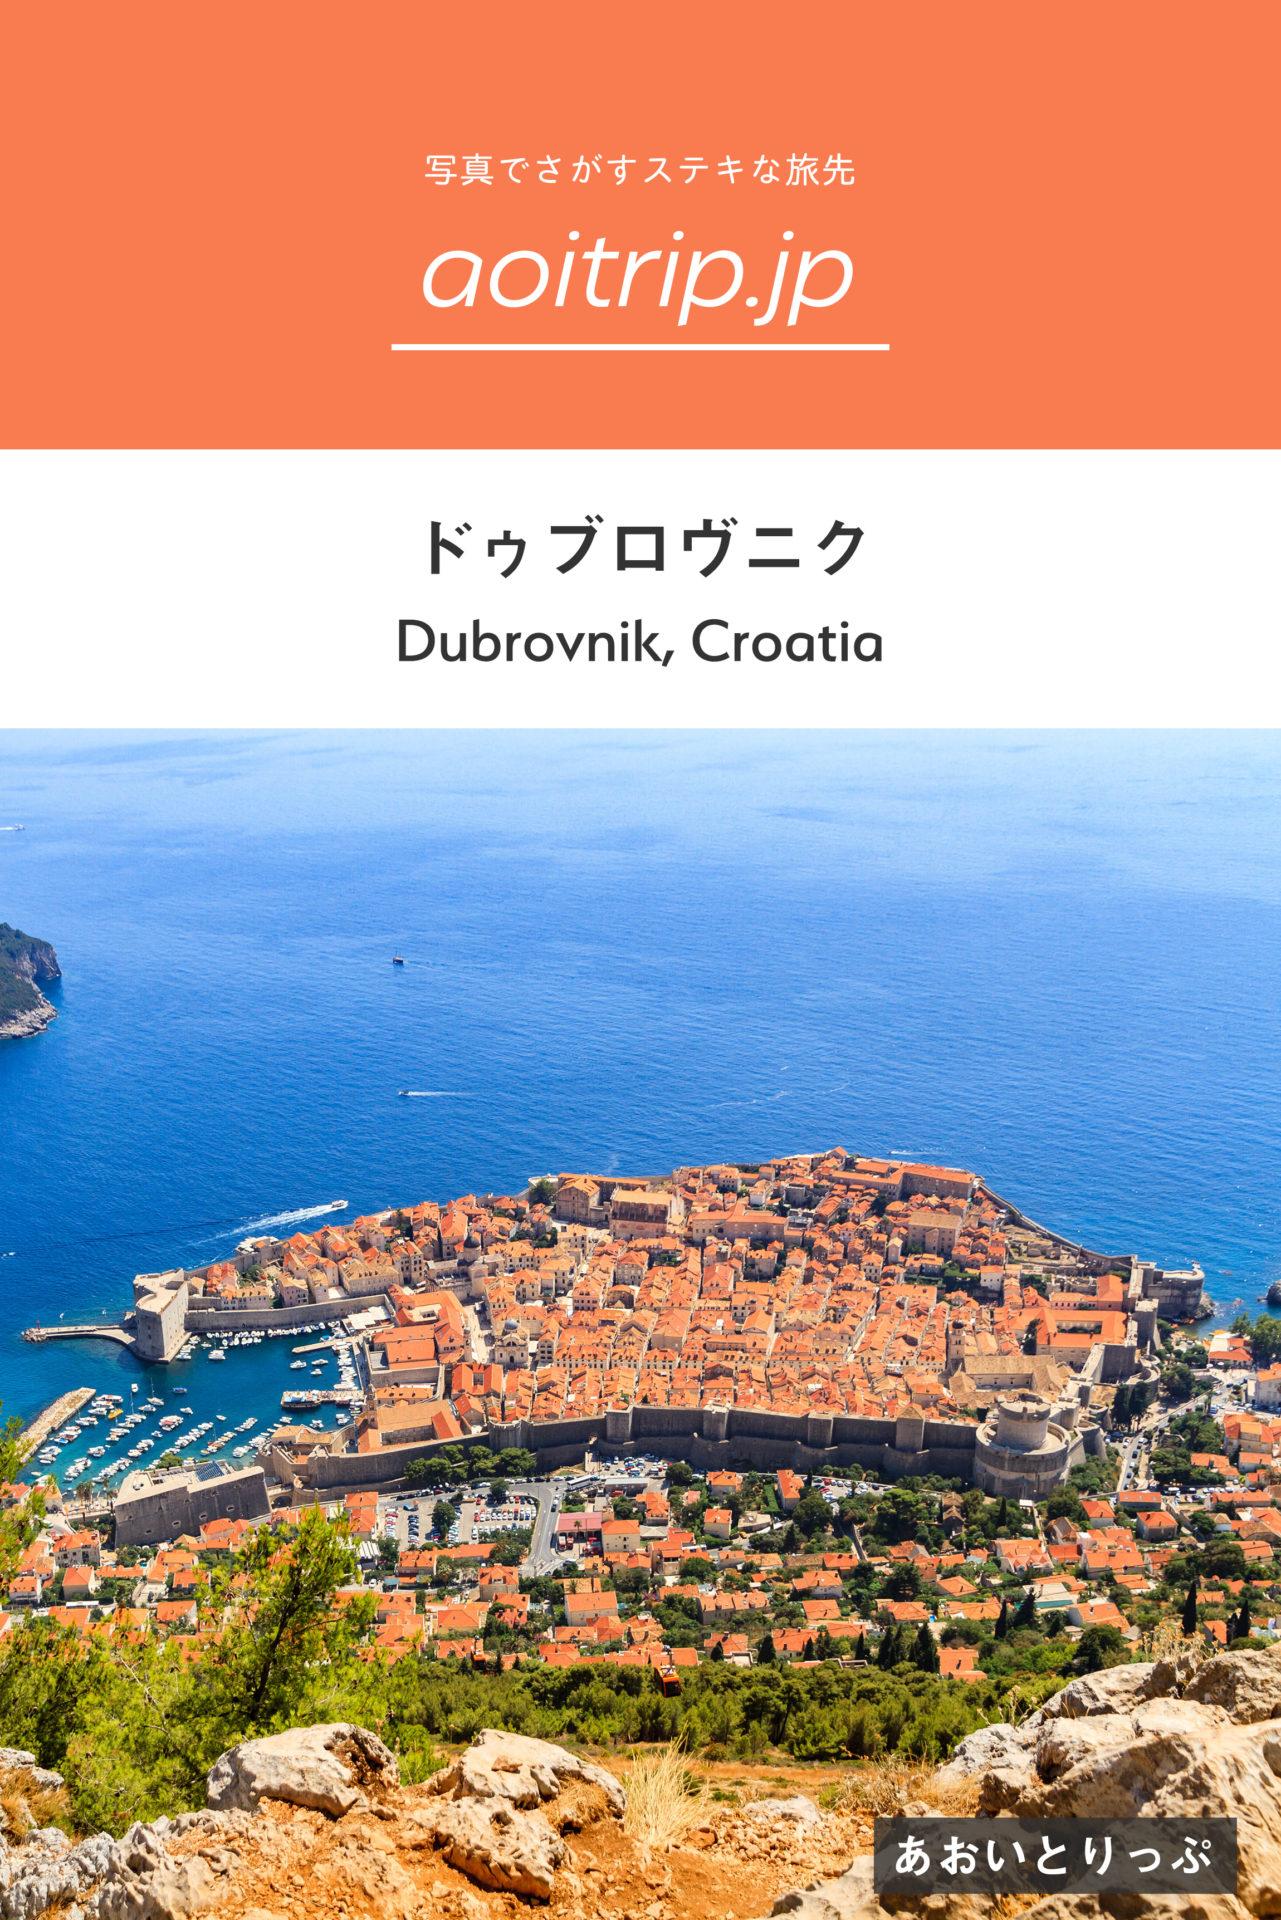 ドゥブロヴニク観光 紺碧とテラコッタの美しい街(クロアチア、世界遺産) Dubrovnik, Croatia